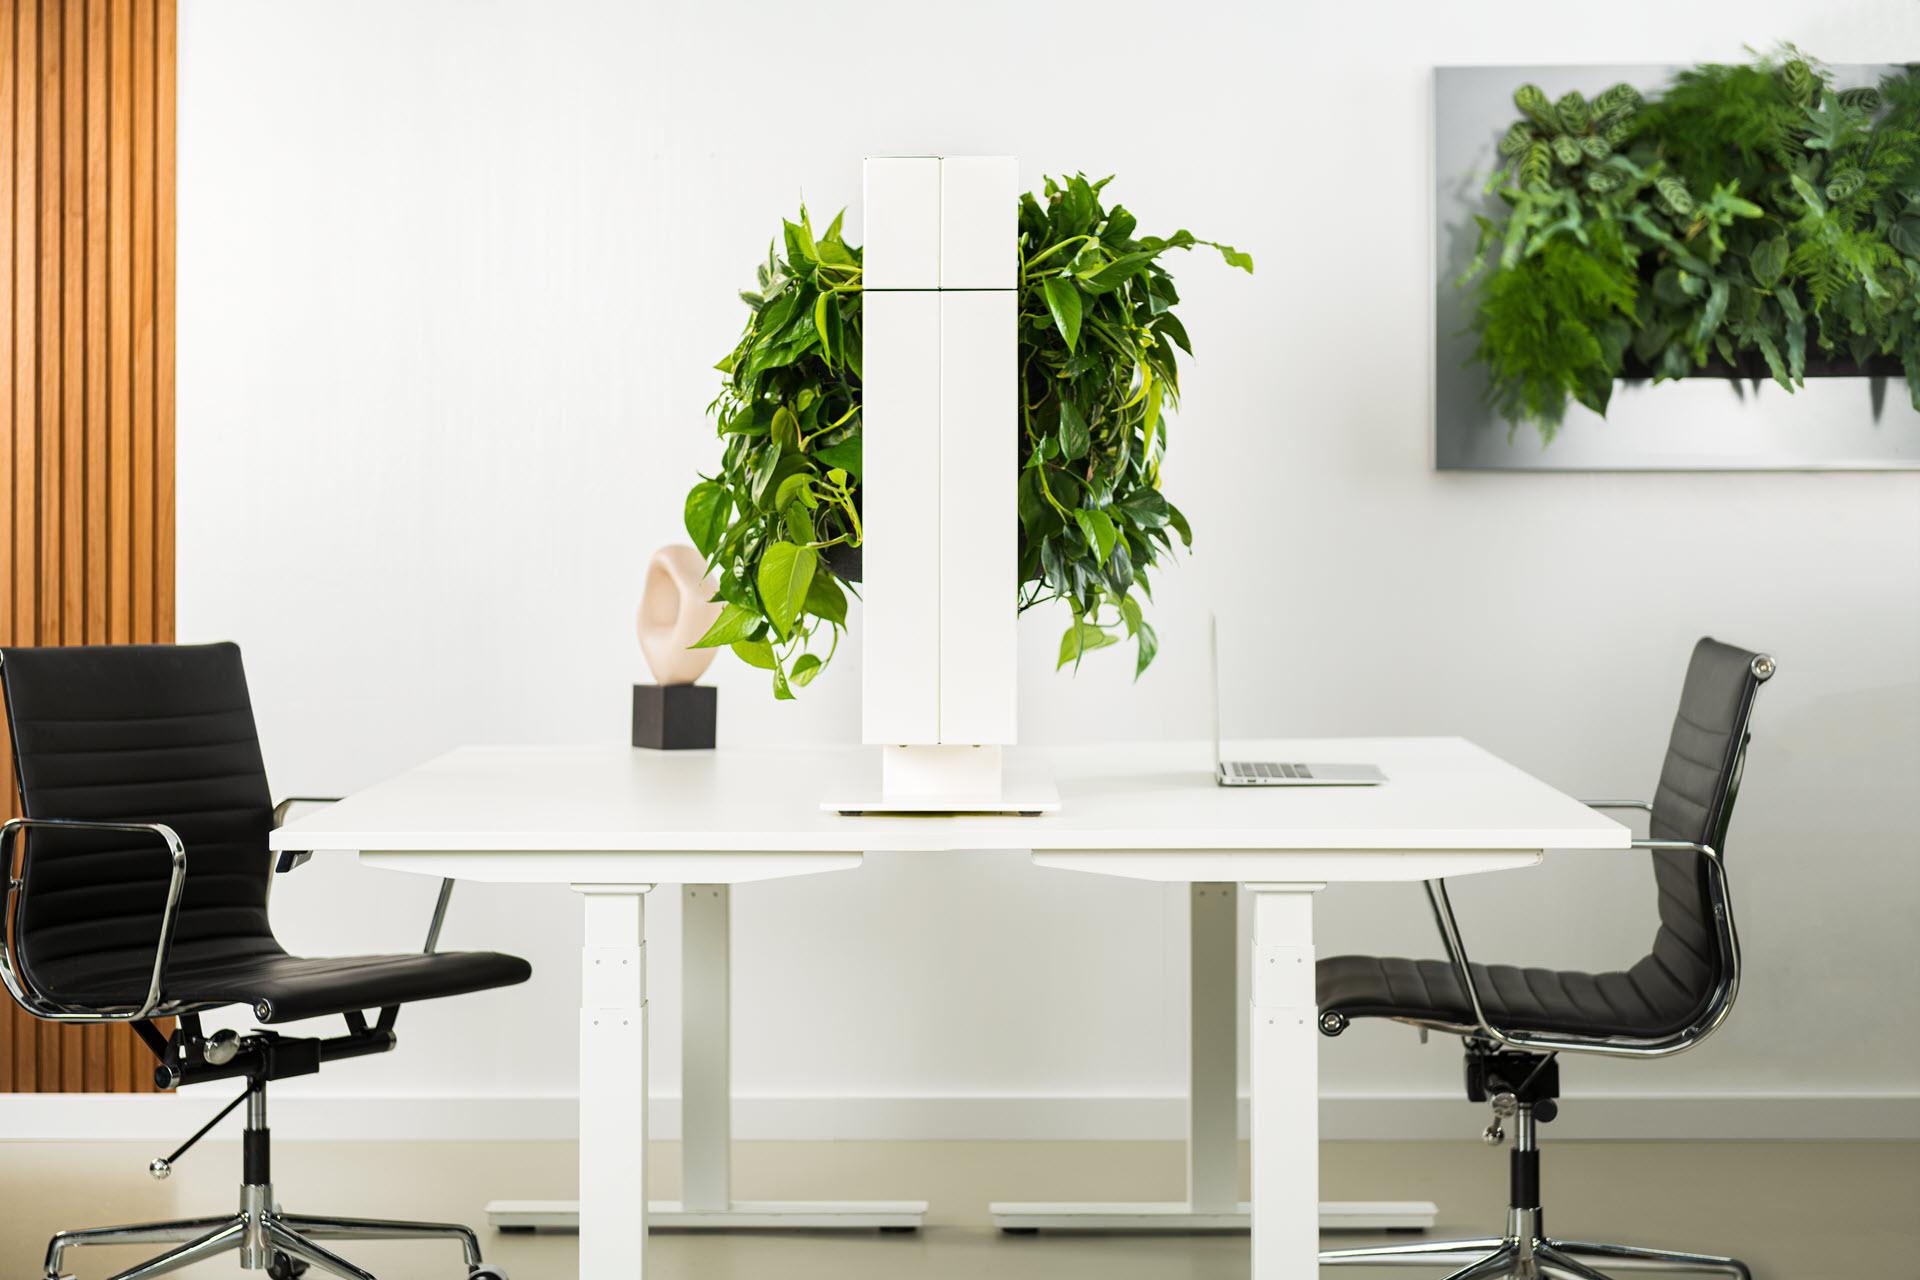 Verticale tuin voor binnen en buiten. Eenvoudig en snel te monteren. Geschikt voor huiskamer, kantoor of tuin. Alles-in-1 systeem en inclusief planten.